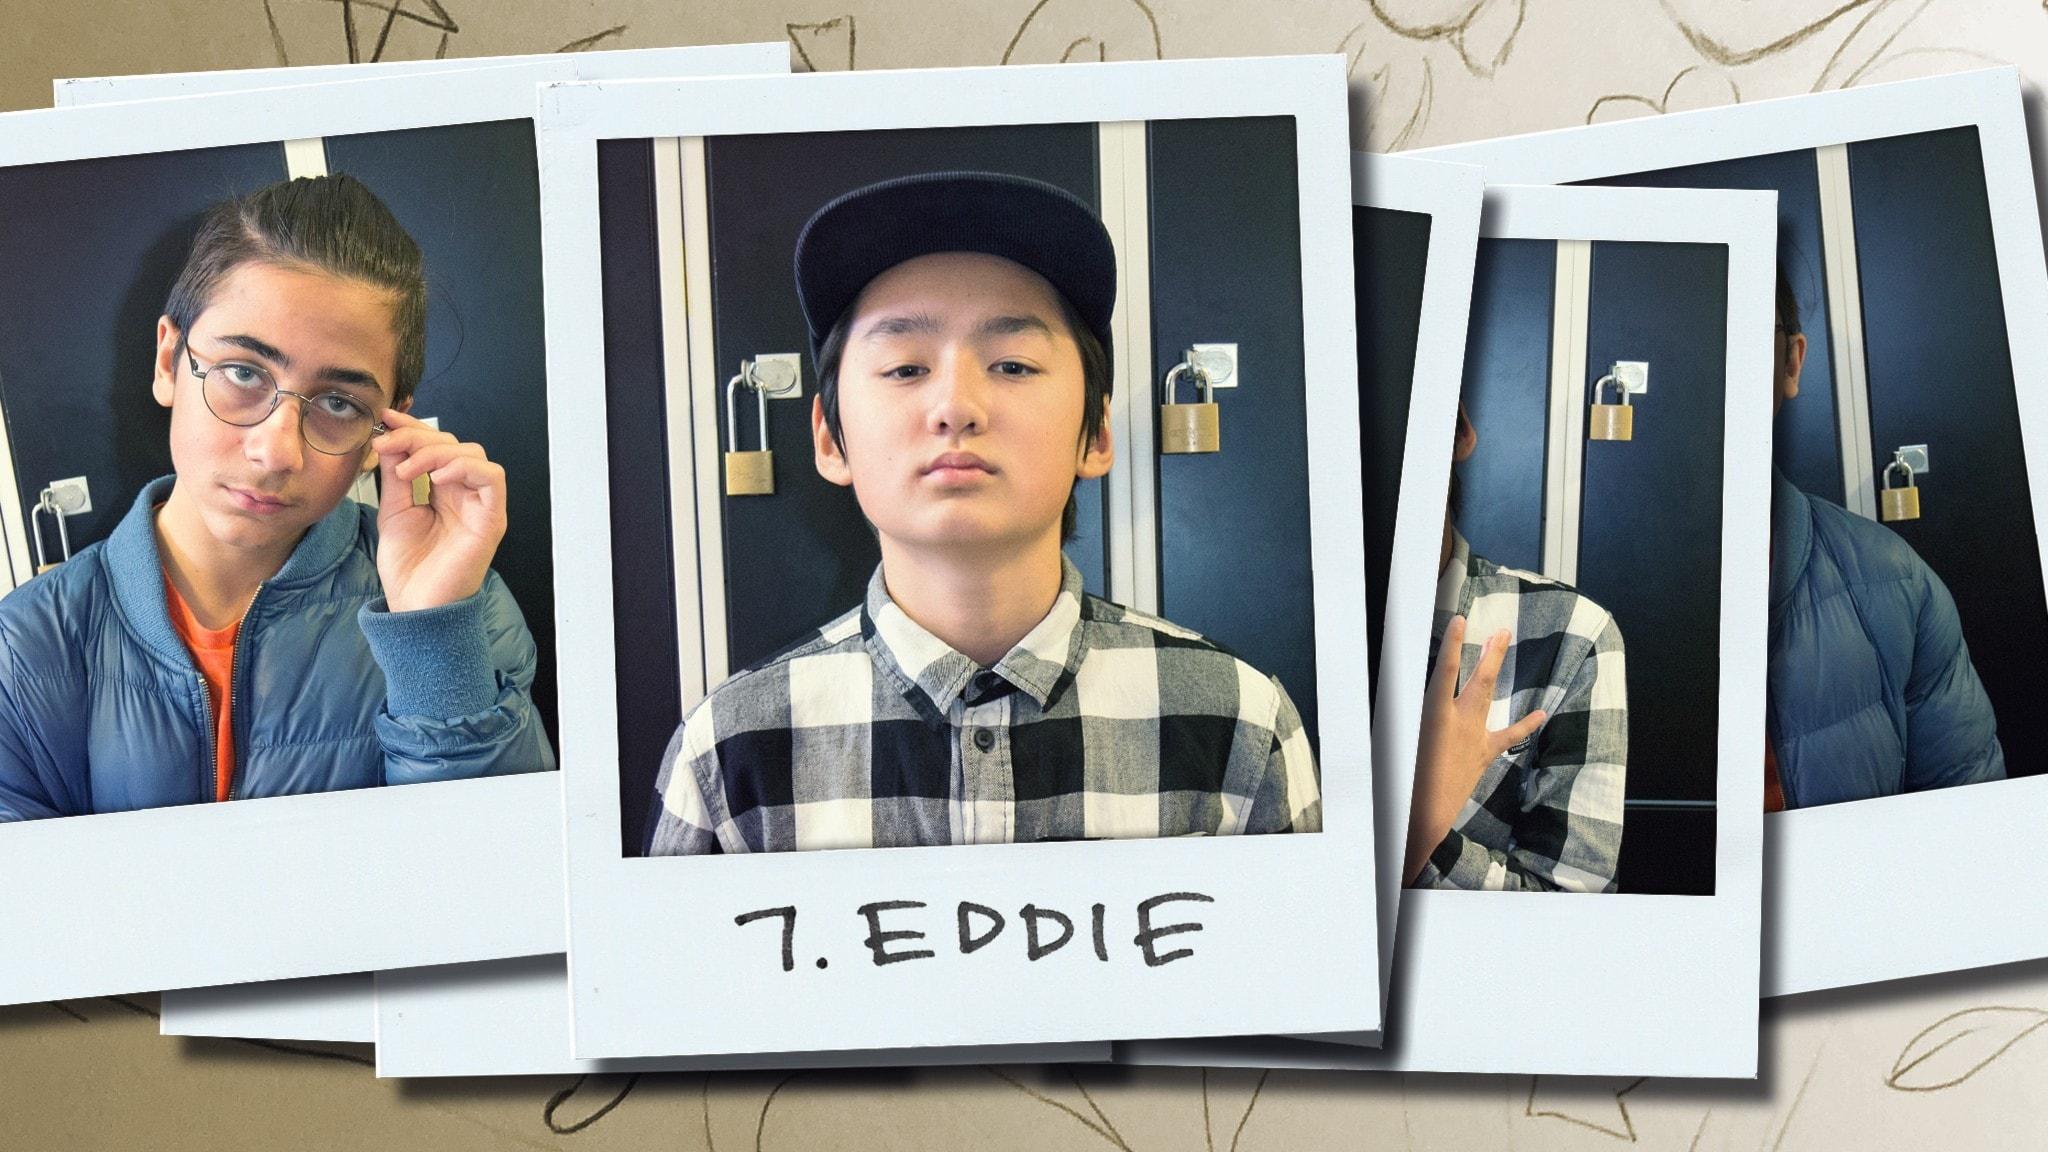 7. Eddie